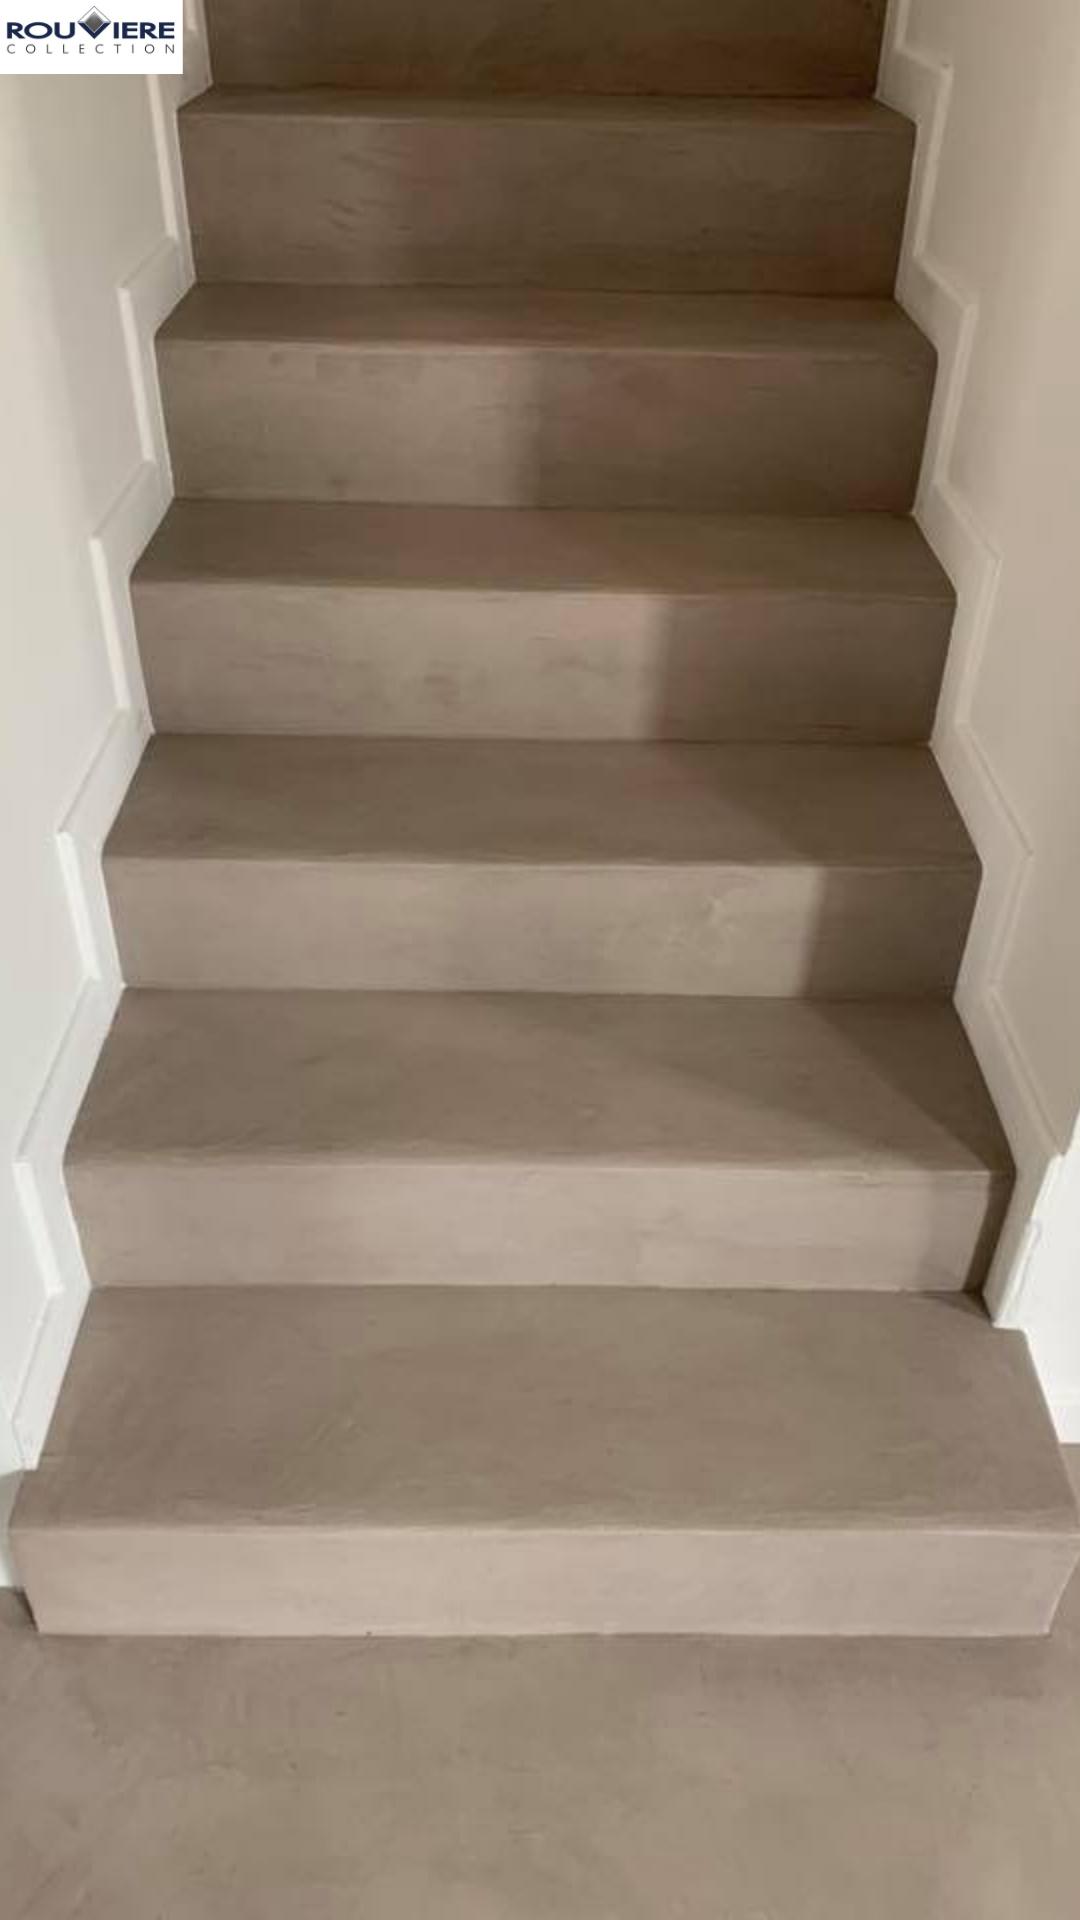 Modernisez Vos Escaliers Avec Un Revetement Enduit Beton Cire Escalier Beton Cire Beton Cire Escalier